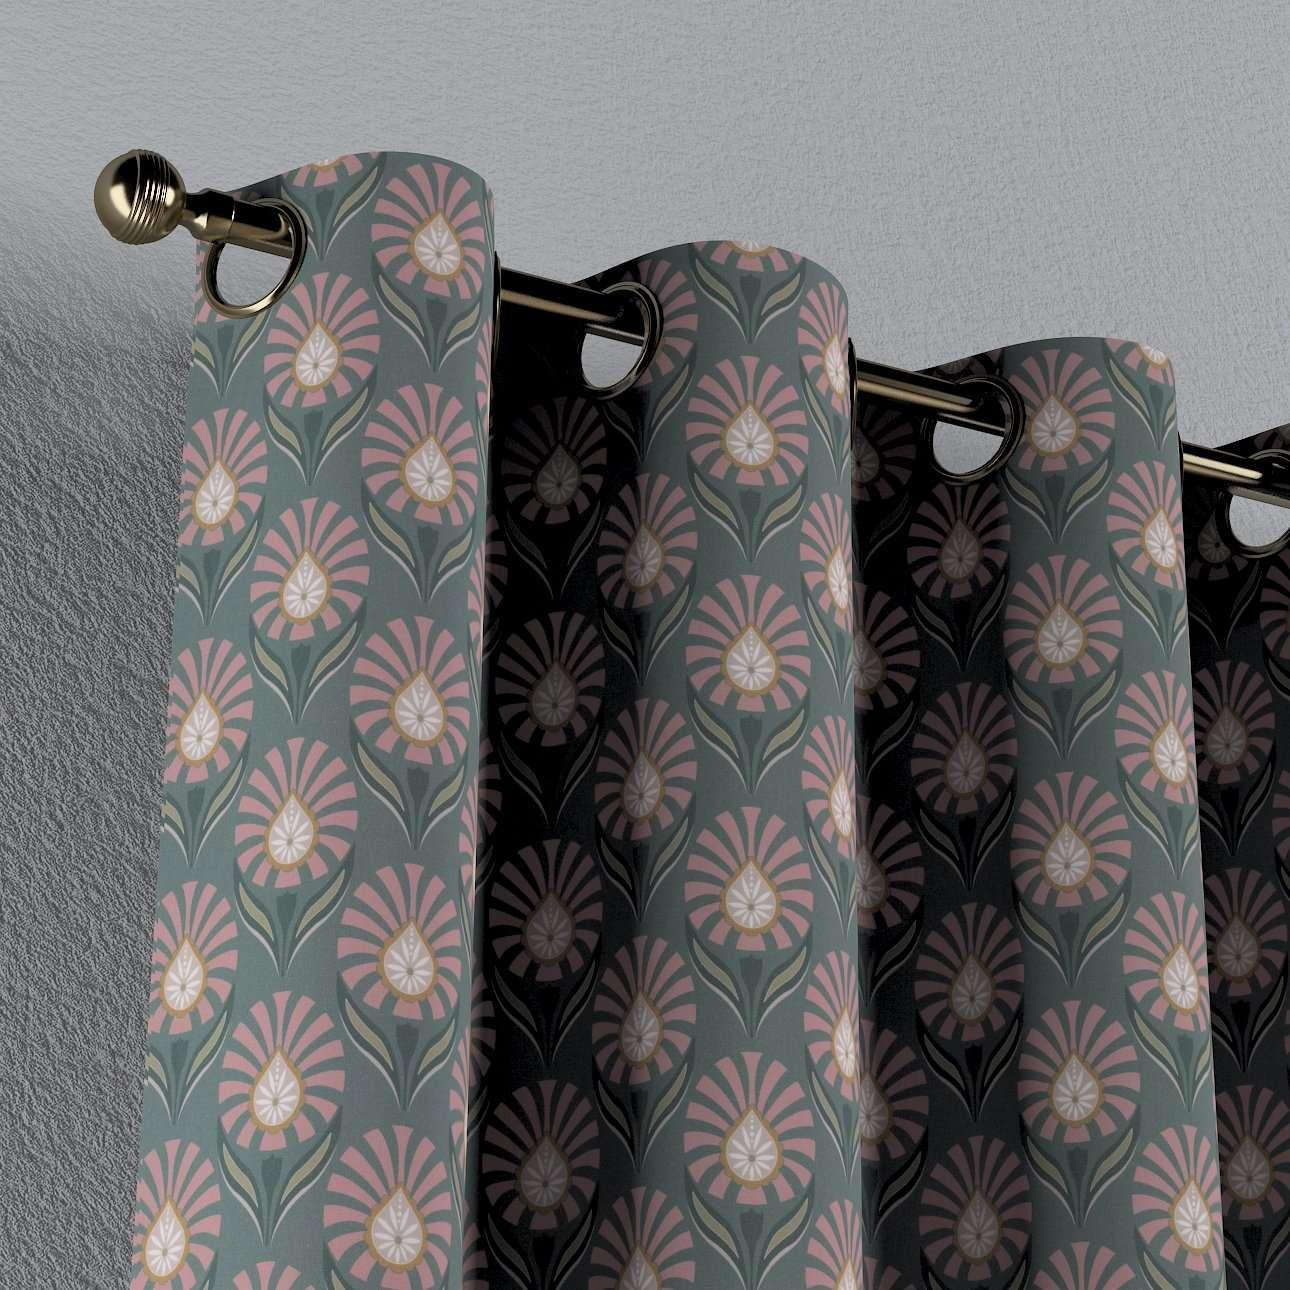 Zasłona na kółkach 1 szt. w kolekcji Gardenia, tkanina: 142-17